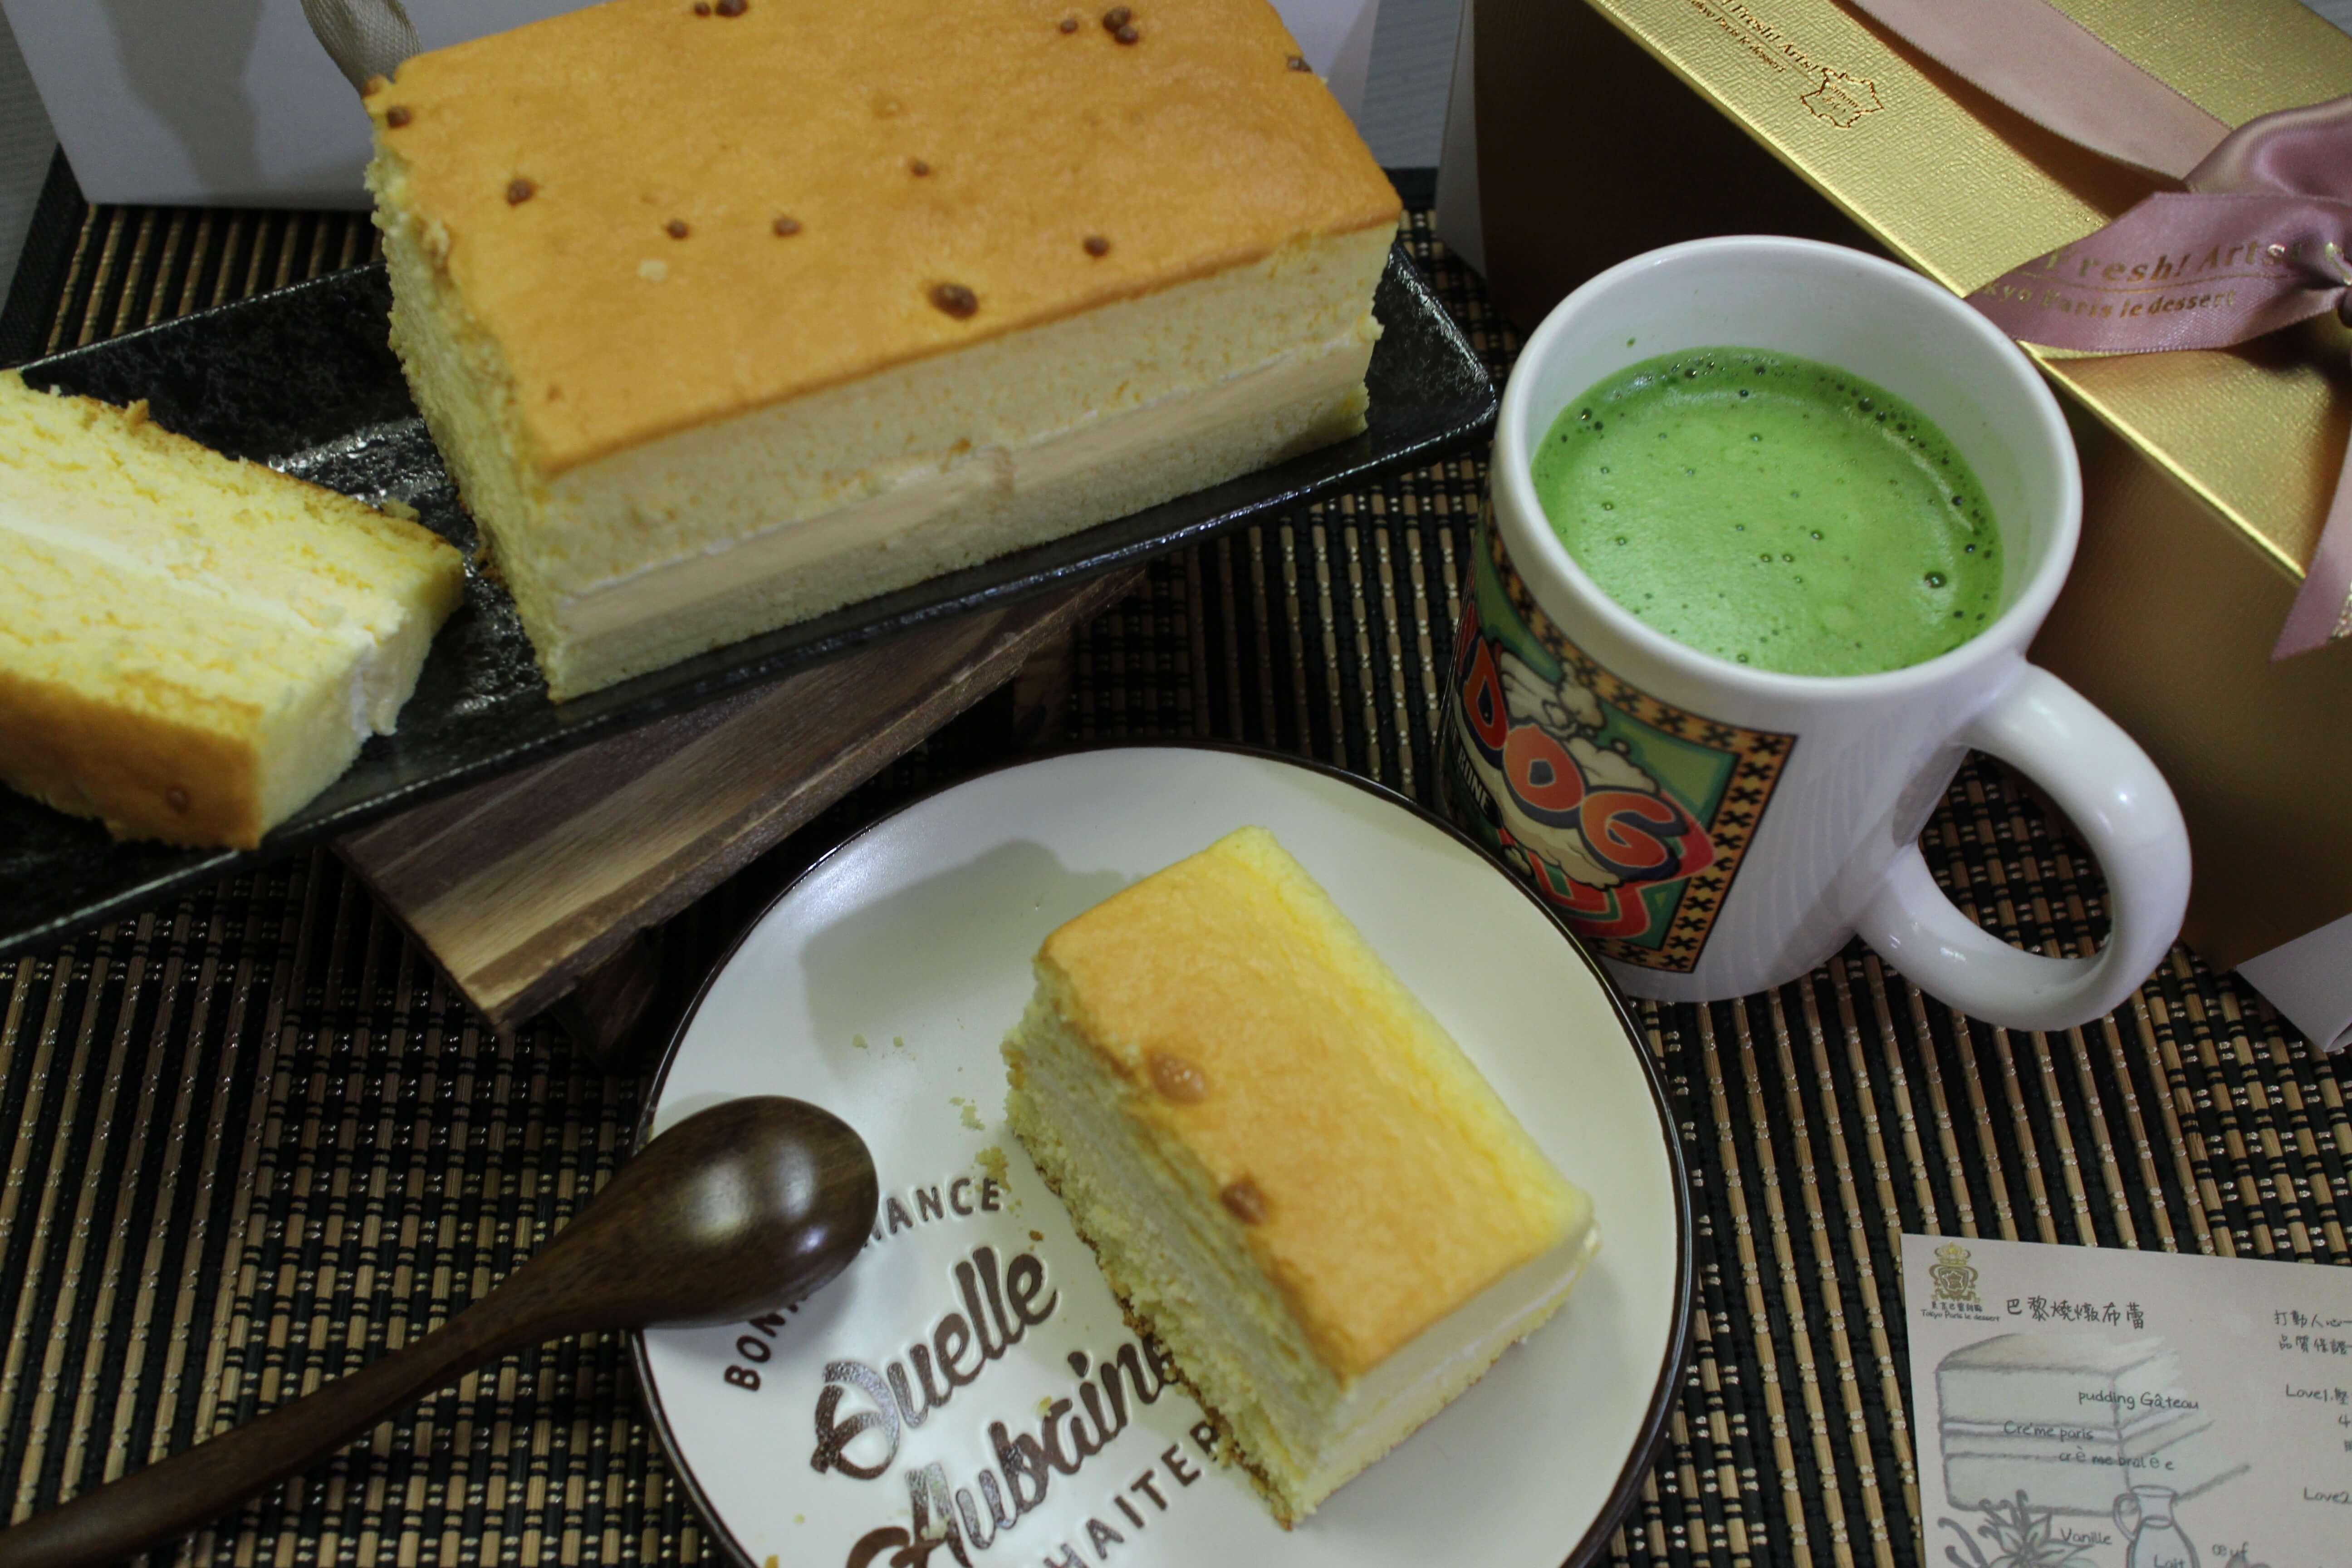 超人氣【東京巴黎甜點 巴黎燒燉布蕾】彌月蛋糕試吃,強佔你的味蕾 @秤瓶樂遊遊